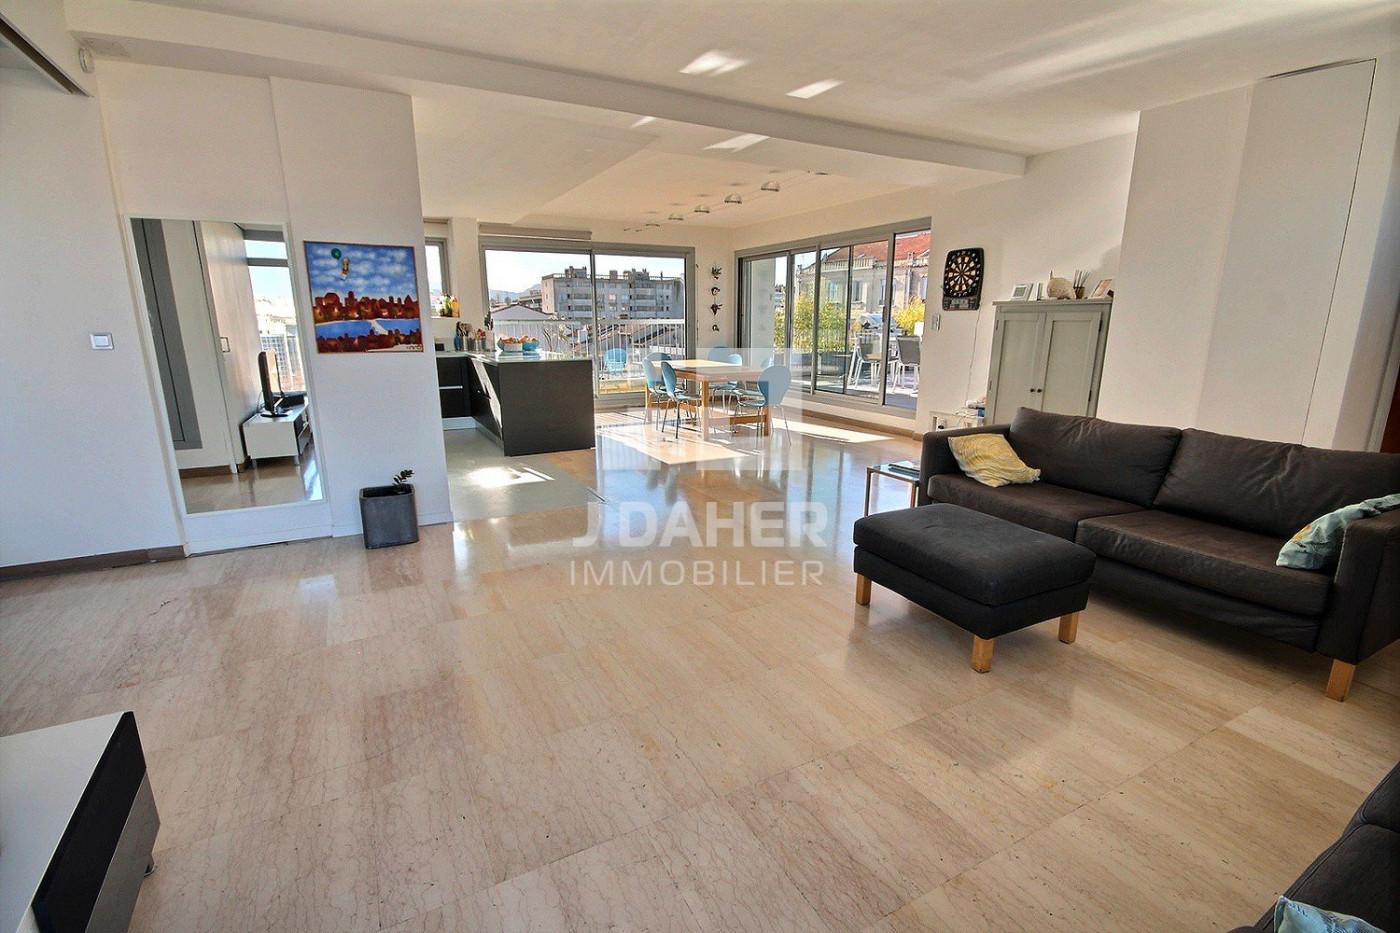 A vendre Marseille 8eme Arrondissement 13025722 J daher immobilier